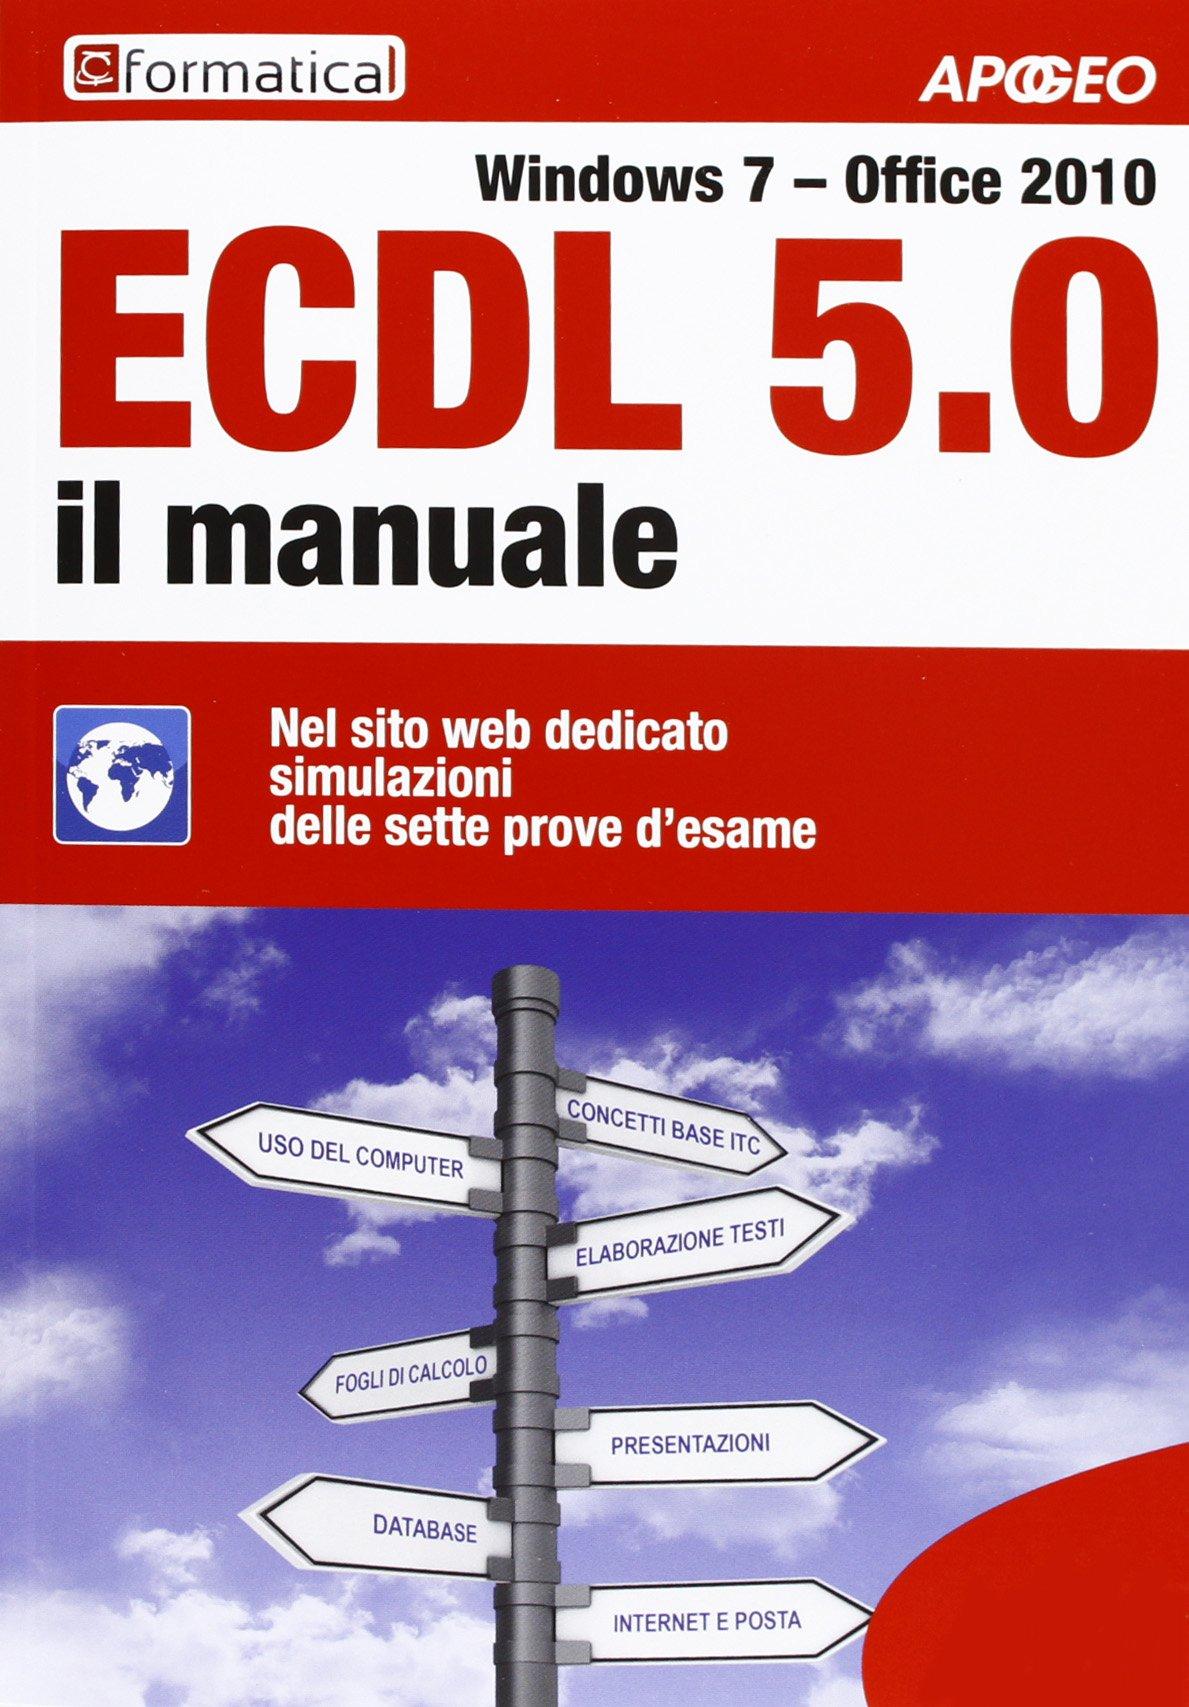 ECDL 5.0. Il manuale. Windows 7 Office 2010. Con aggiornamento online Turtleback – 23 gen 2013 Formatica Apogeo 8850331819 Informatica